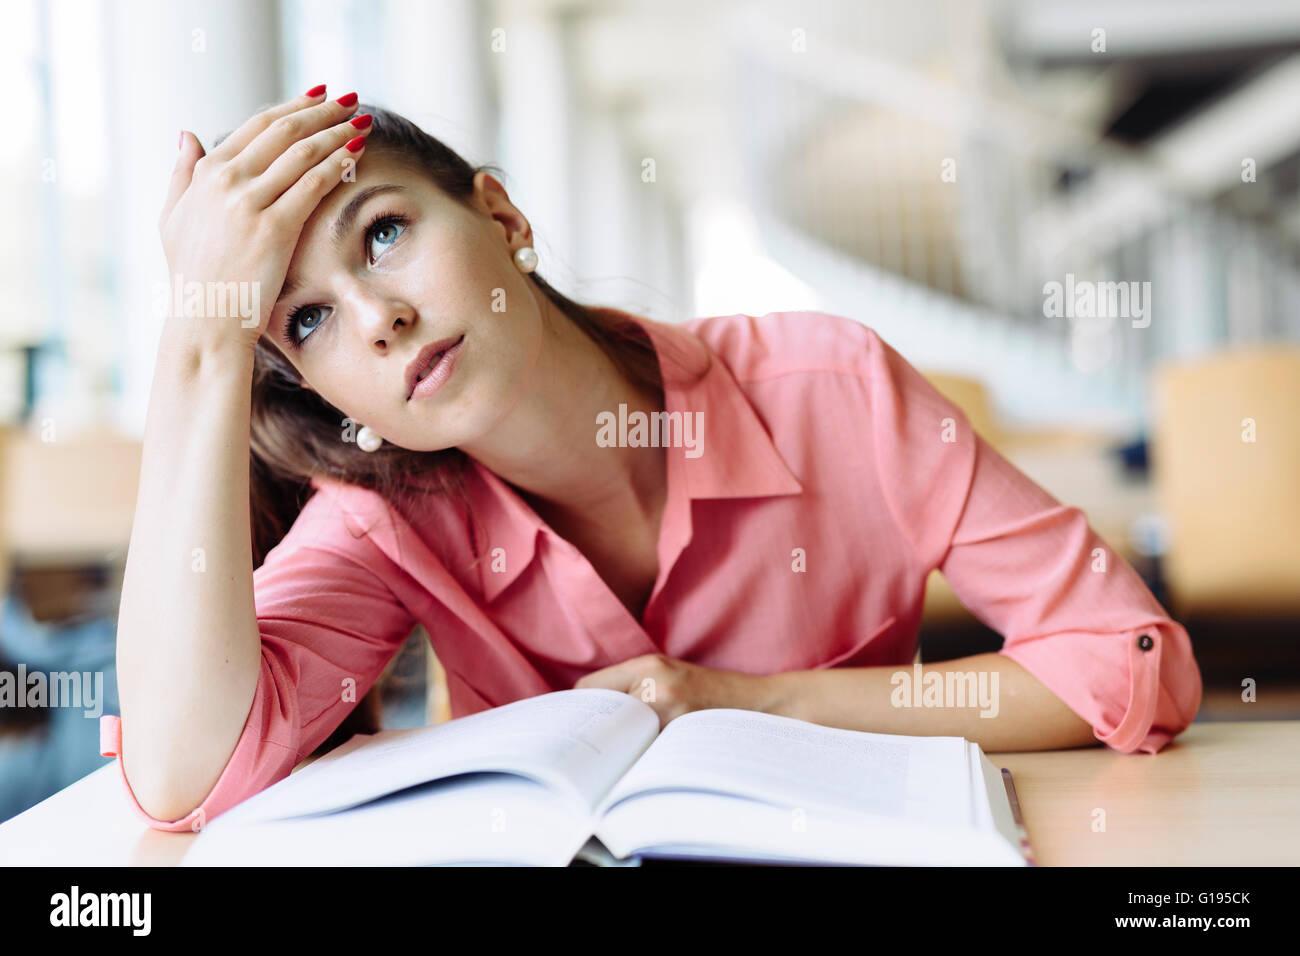 Étudiante l'étude et la lecture dans une bibliothèque, mais a du mal à comprendre le contenu Photo Stock